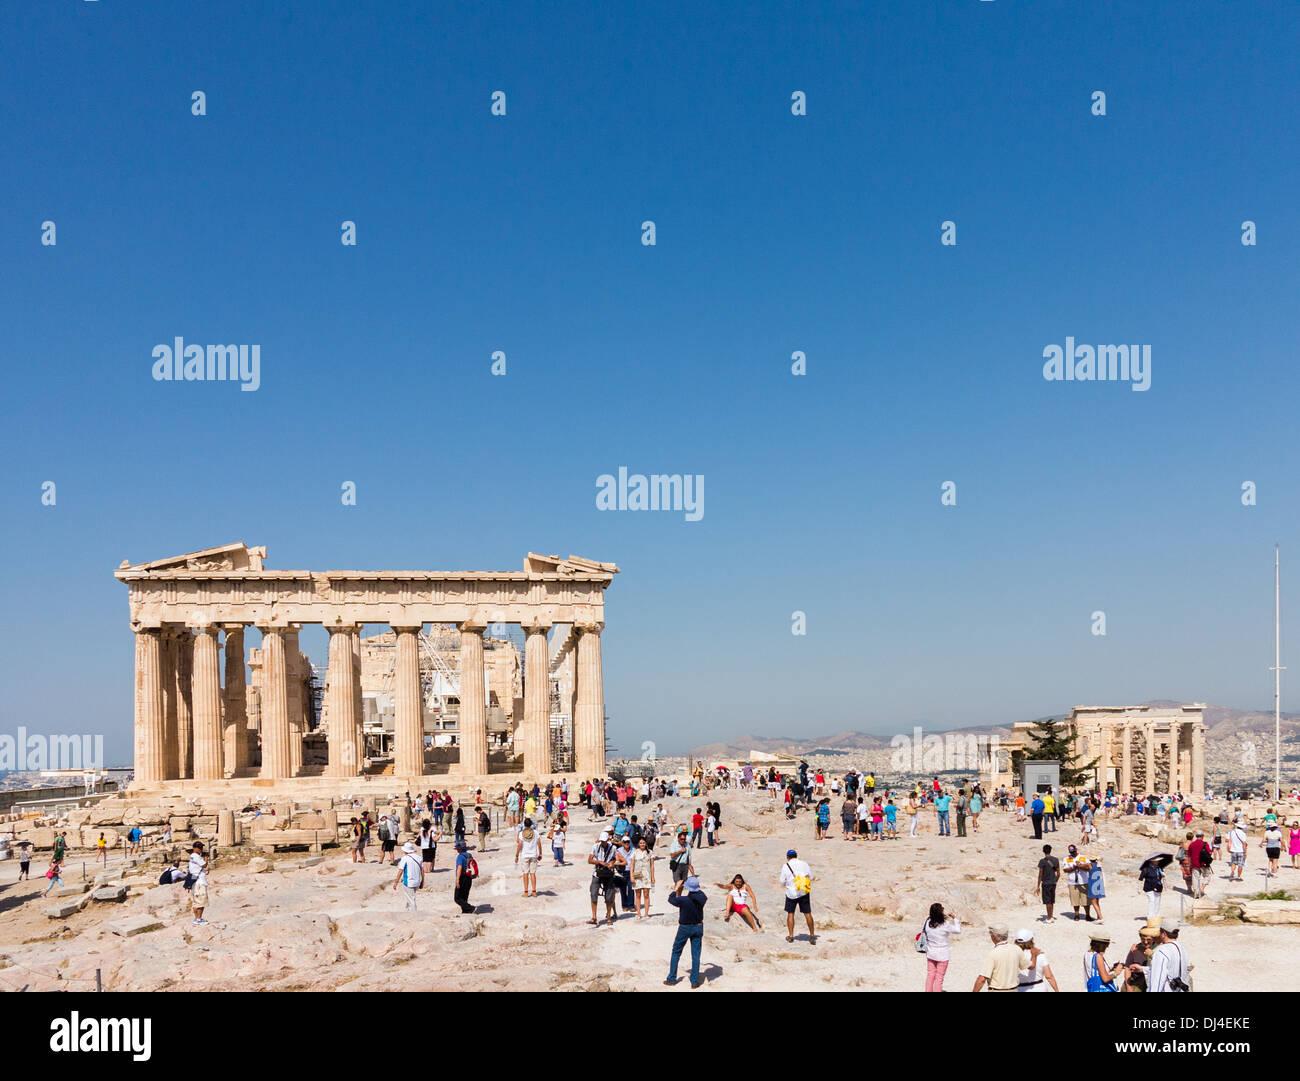 Akropolis, Athen, Griechenland - mit Massen von Touristen, die in der antiken Griechenland site Parthenon und das Stockbild